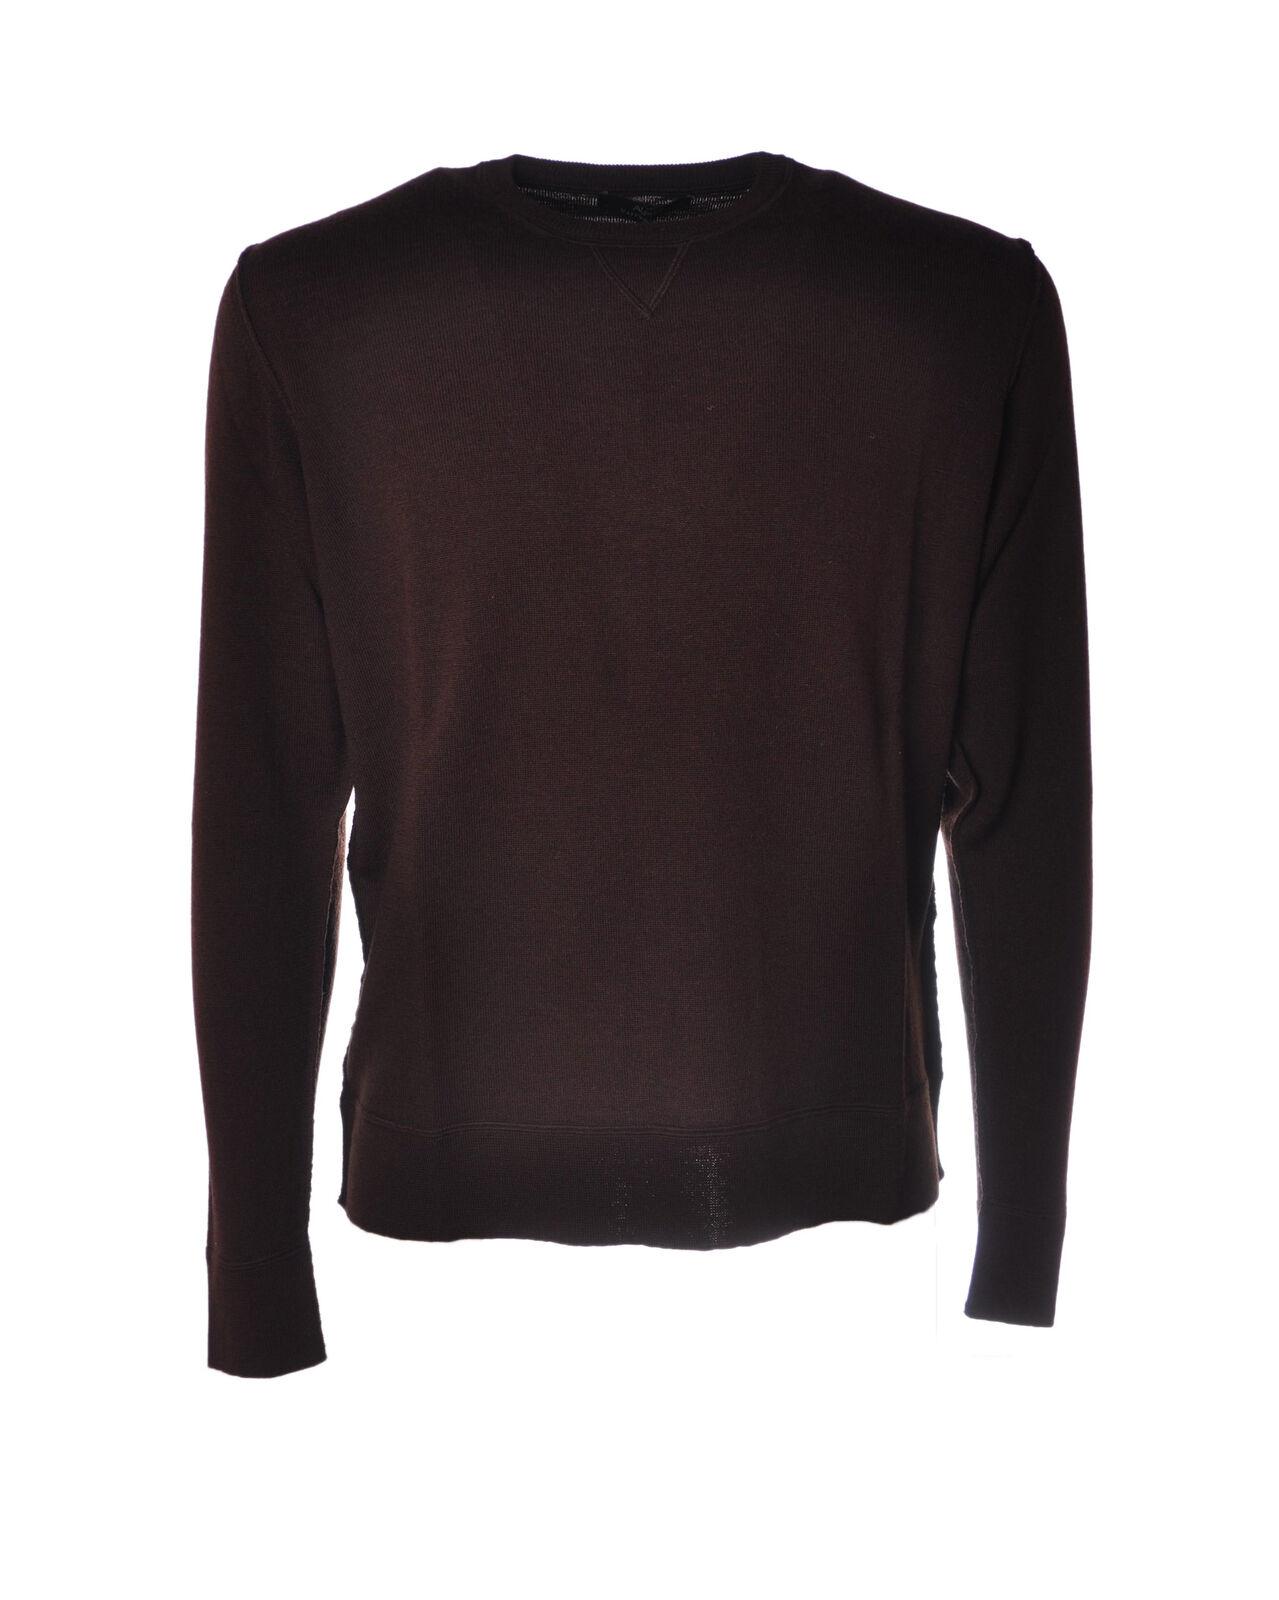 Alpha - Knitwear-schweißers - Man - braun - 4628906L190816